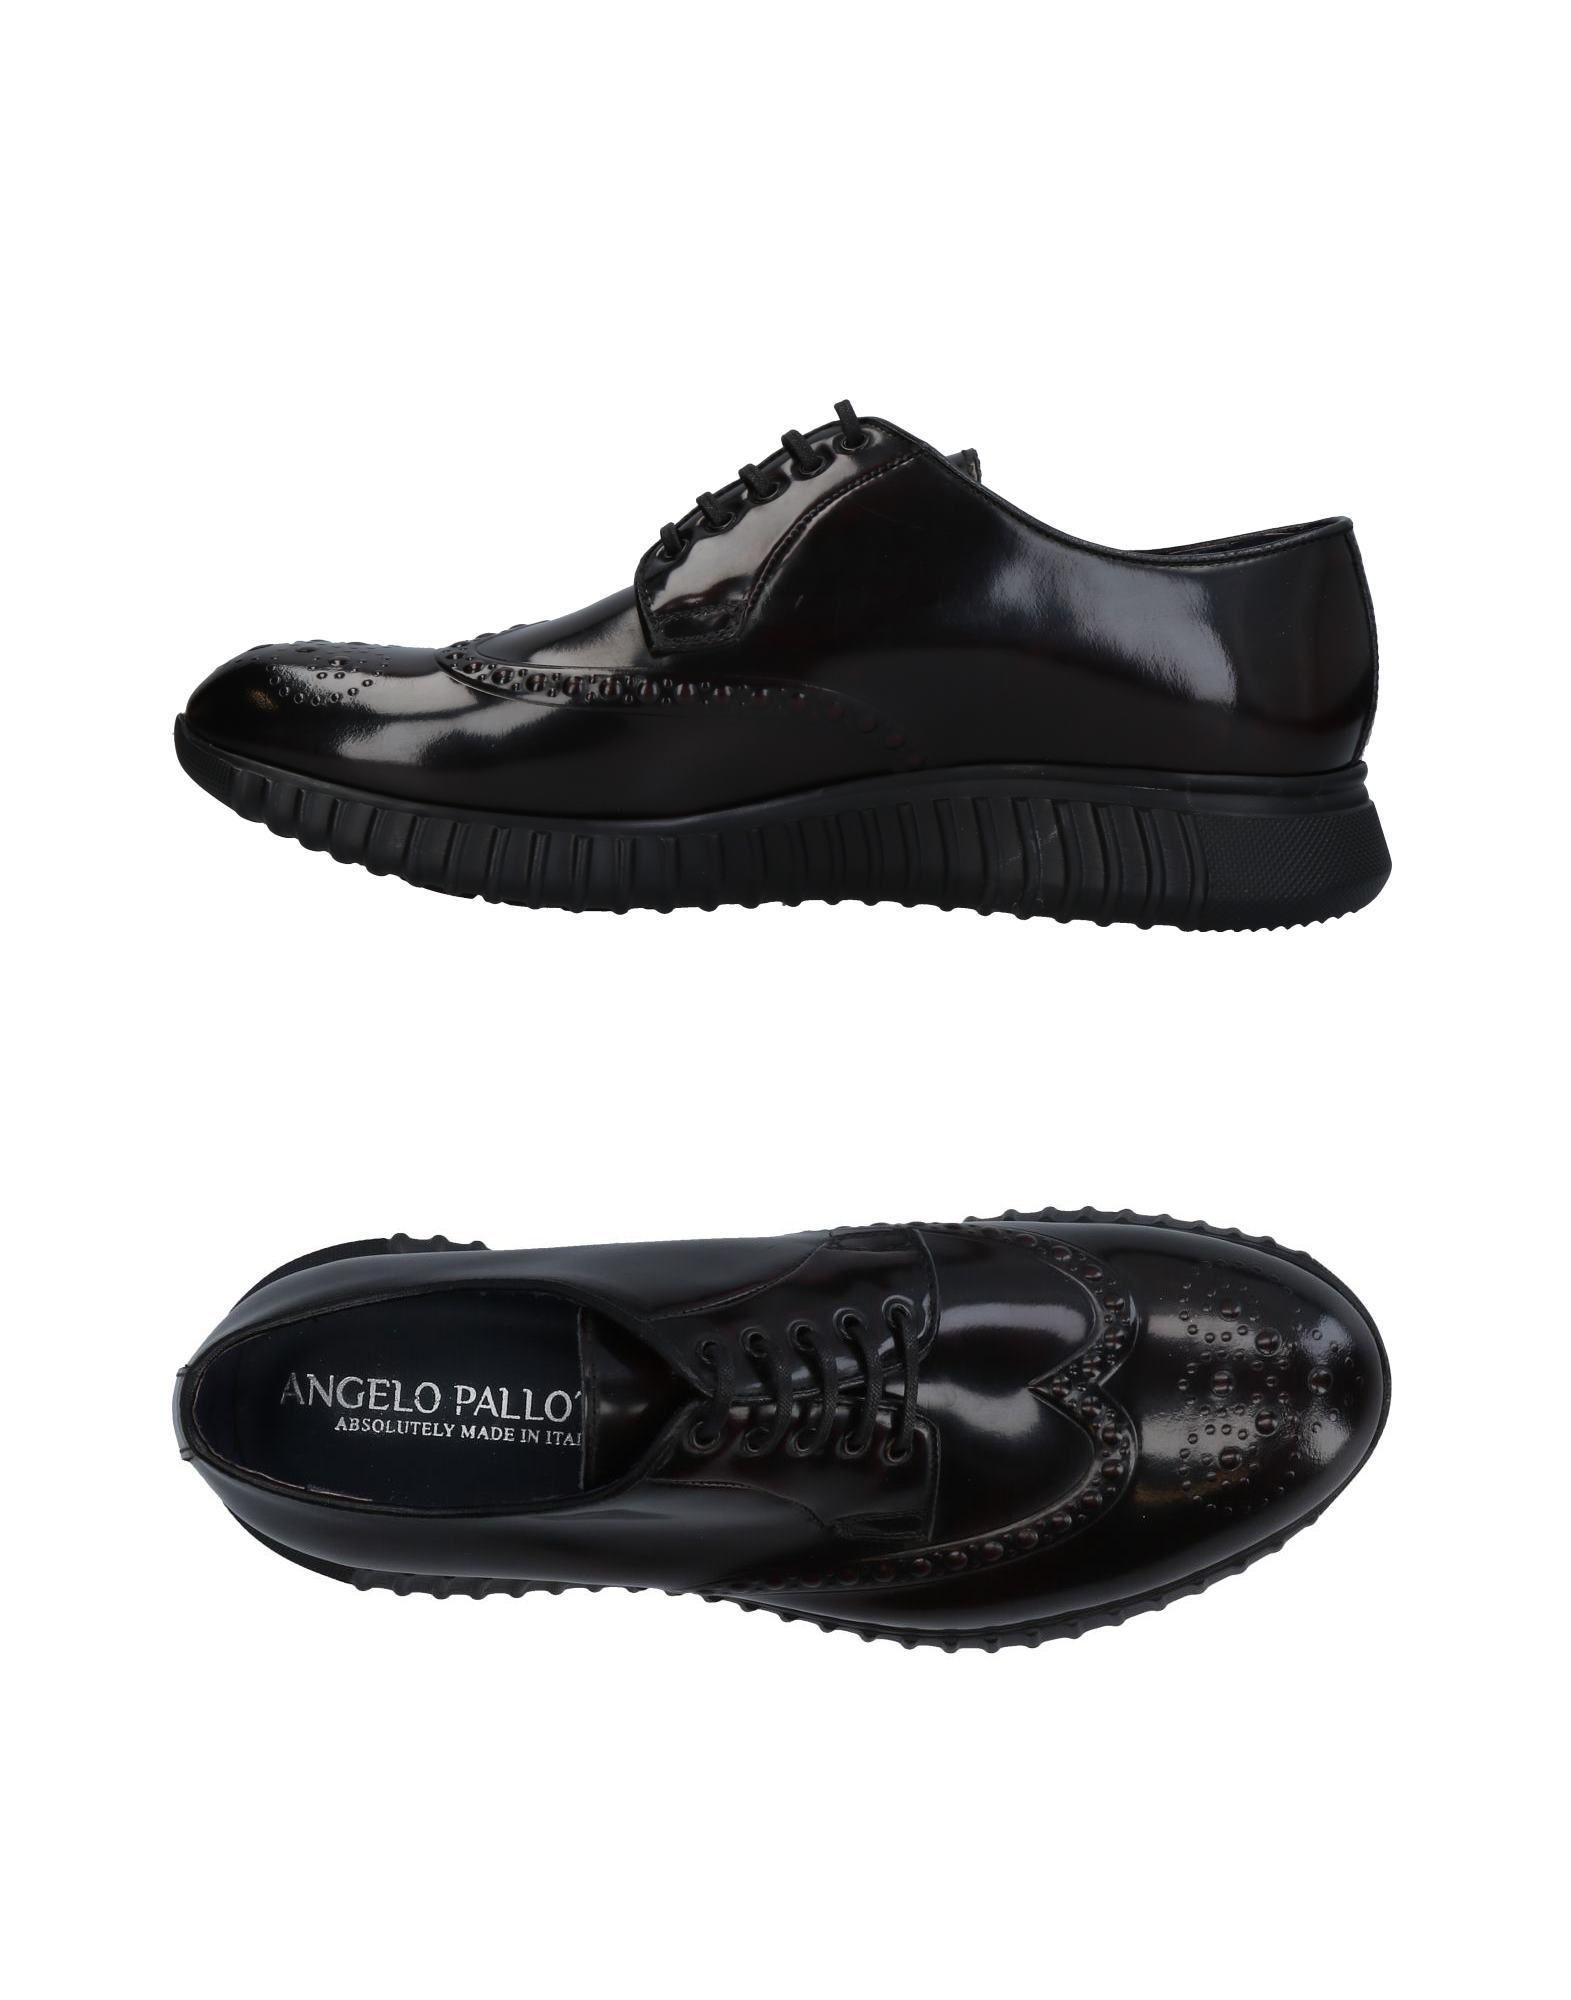 Rabatt echte Schuhe Angelo Pallotta Schnürschuhe Herren  11456176BU